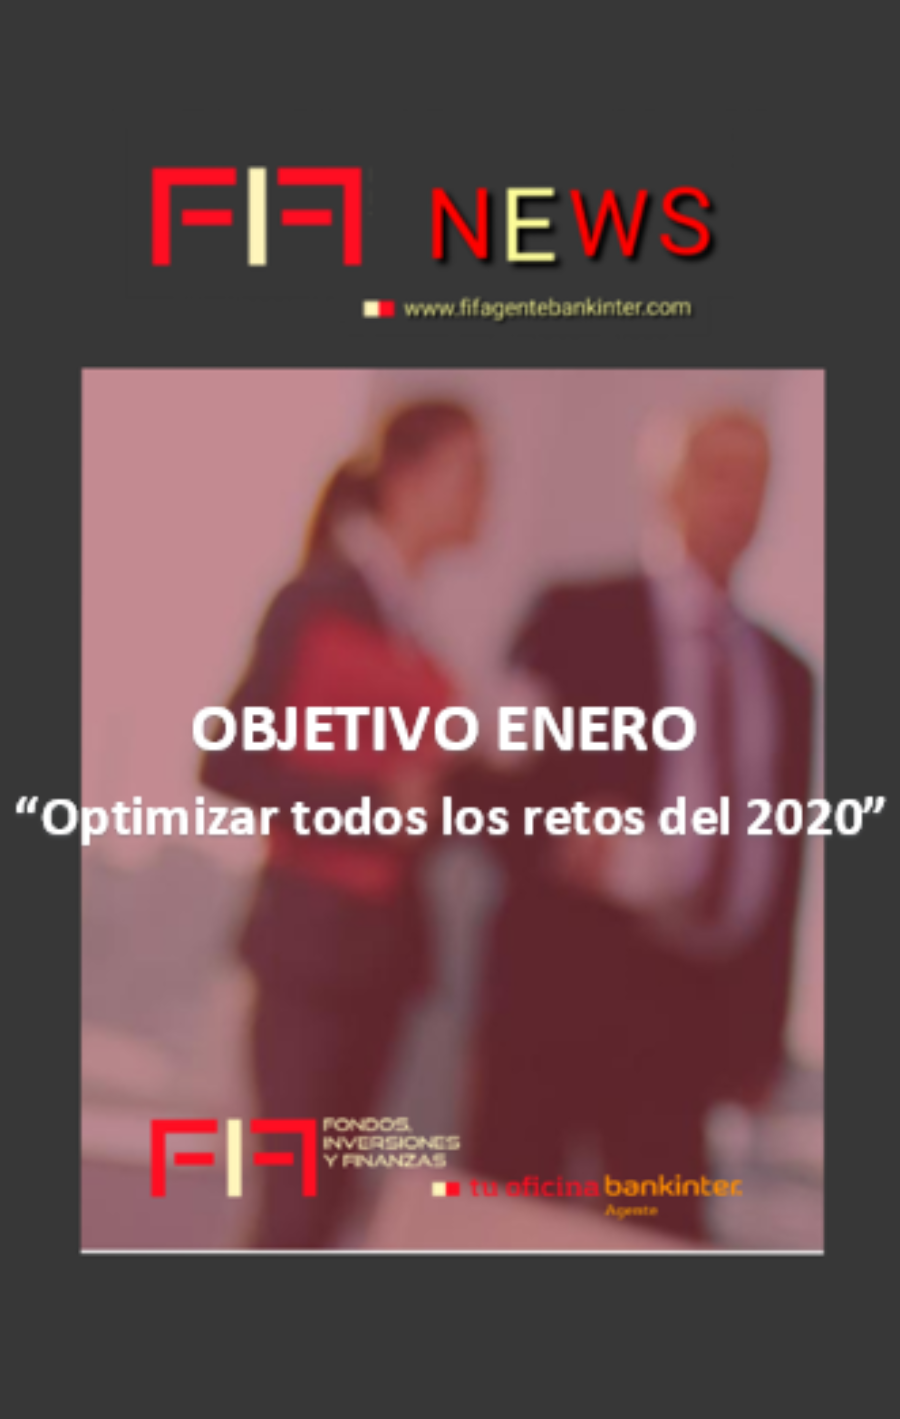 FIF NEWS ENERO: OBJETIVO: Optimizar todos los retos del 2020